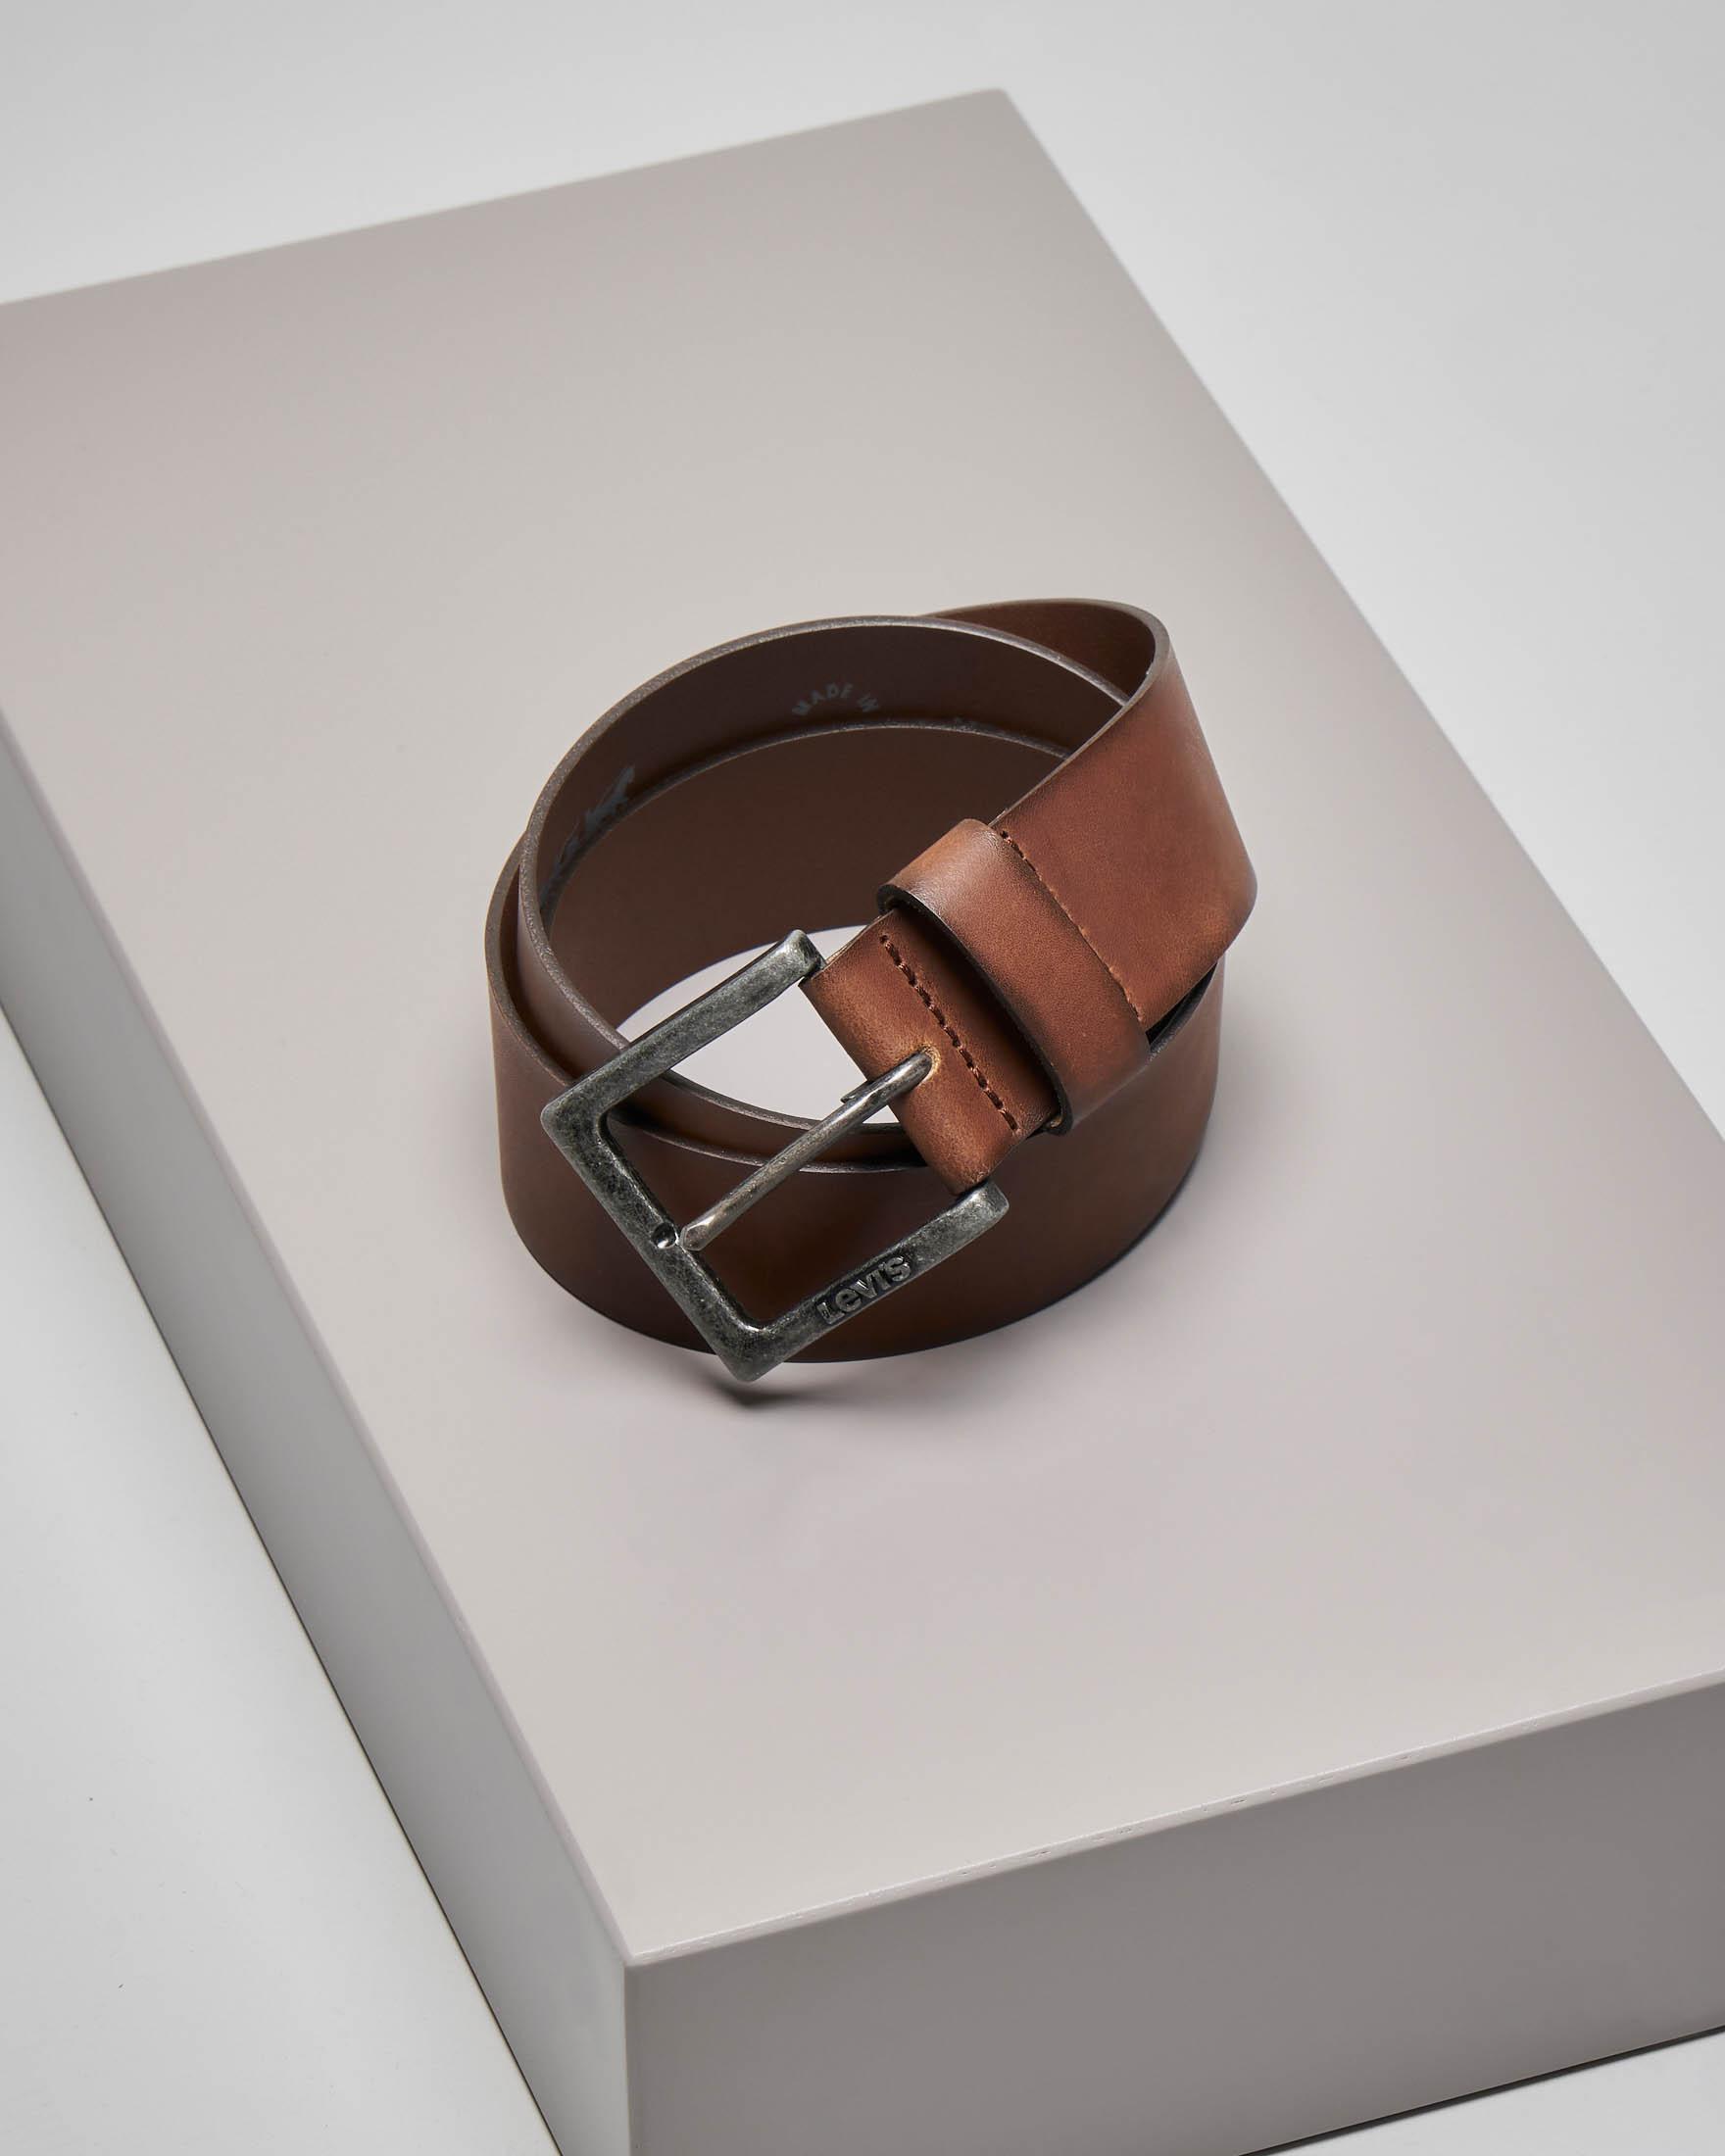 Cintura marrone in pelle con fibbia brunita effetto vintage